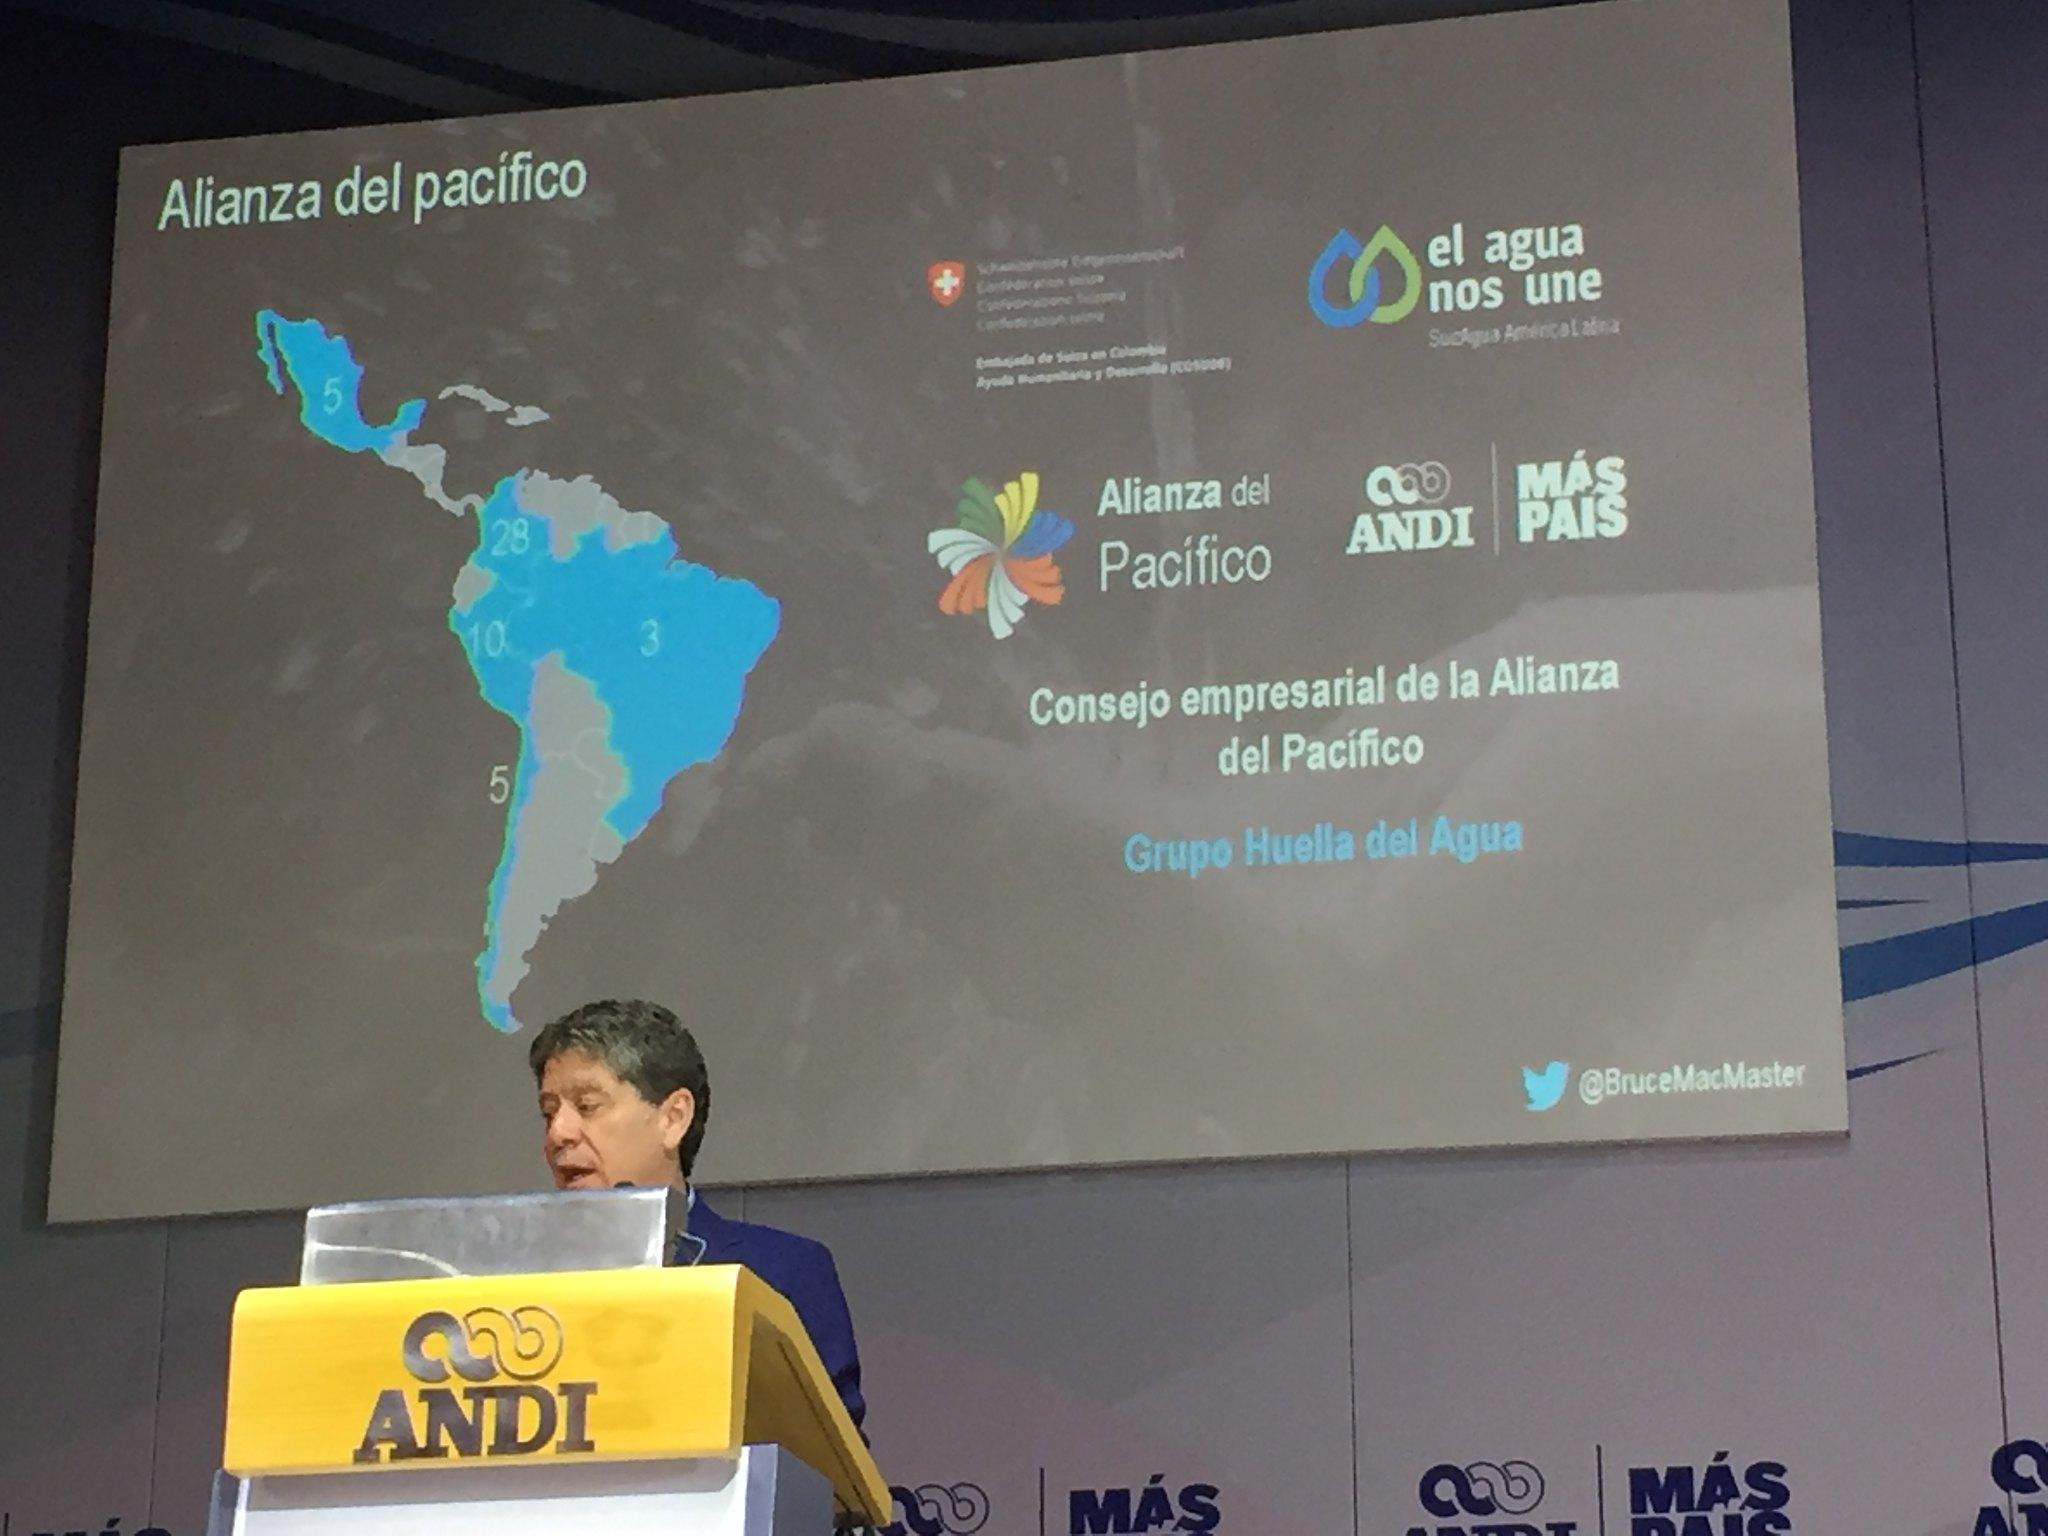 2019.10.18 Evento El Agua nos Une en Colombia